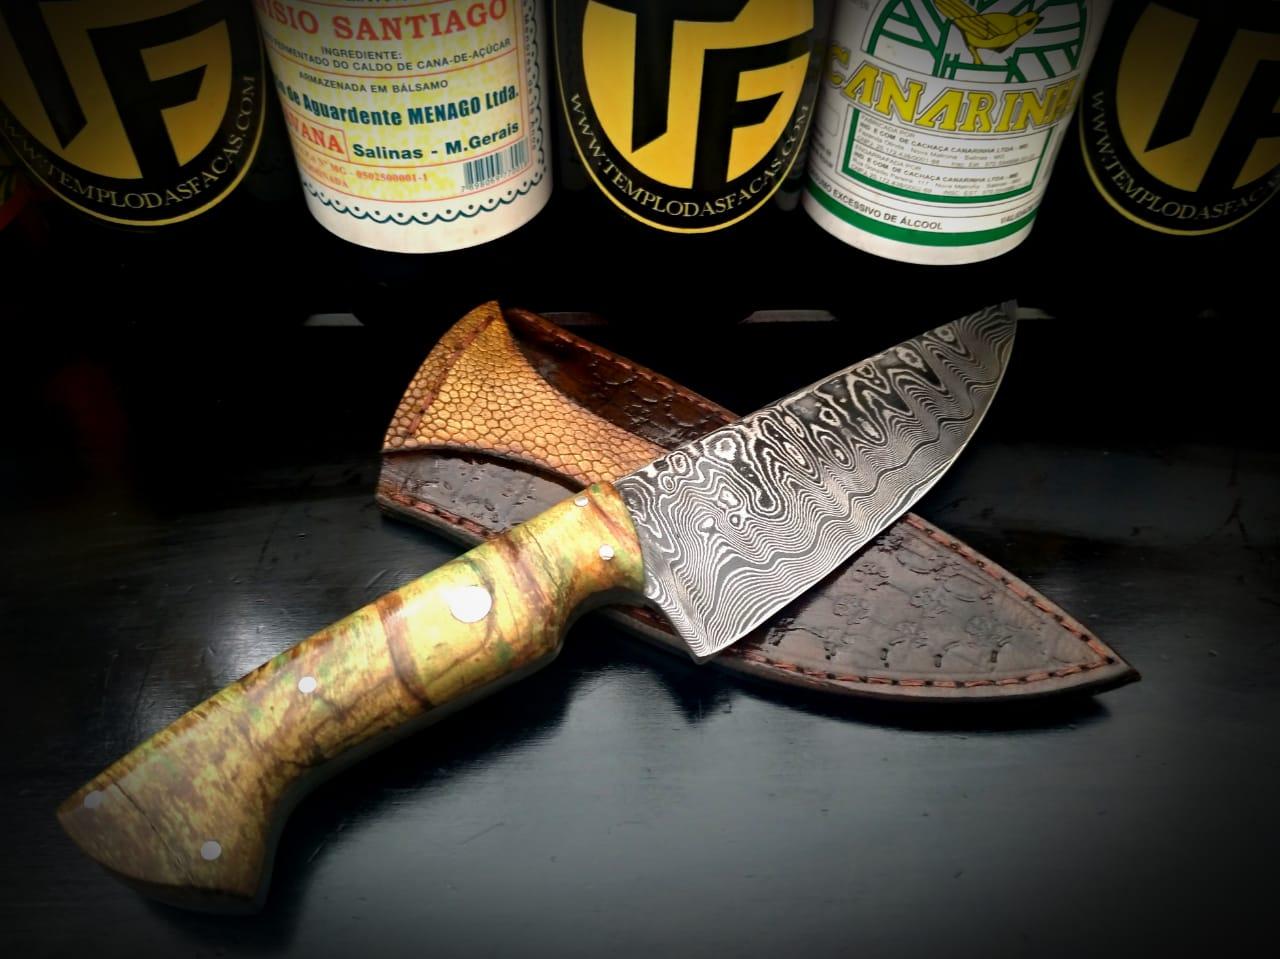 Faca artesanal de caça forjada em aço de damasco padrão aleatório modificado 6 polegadas